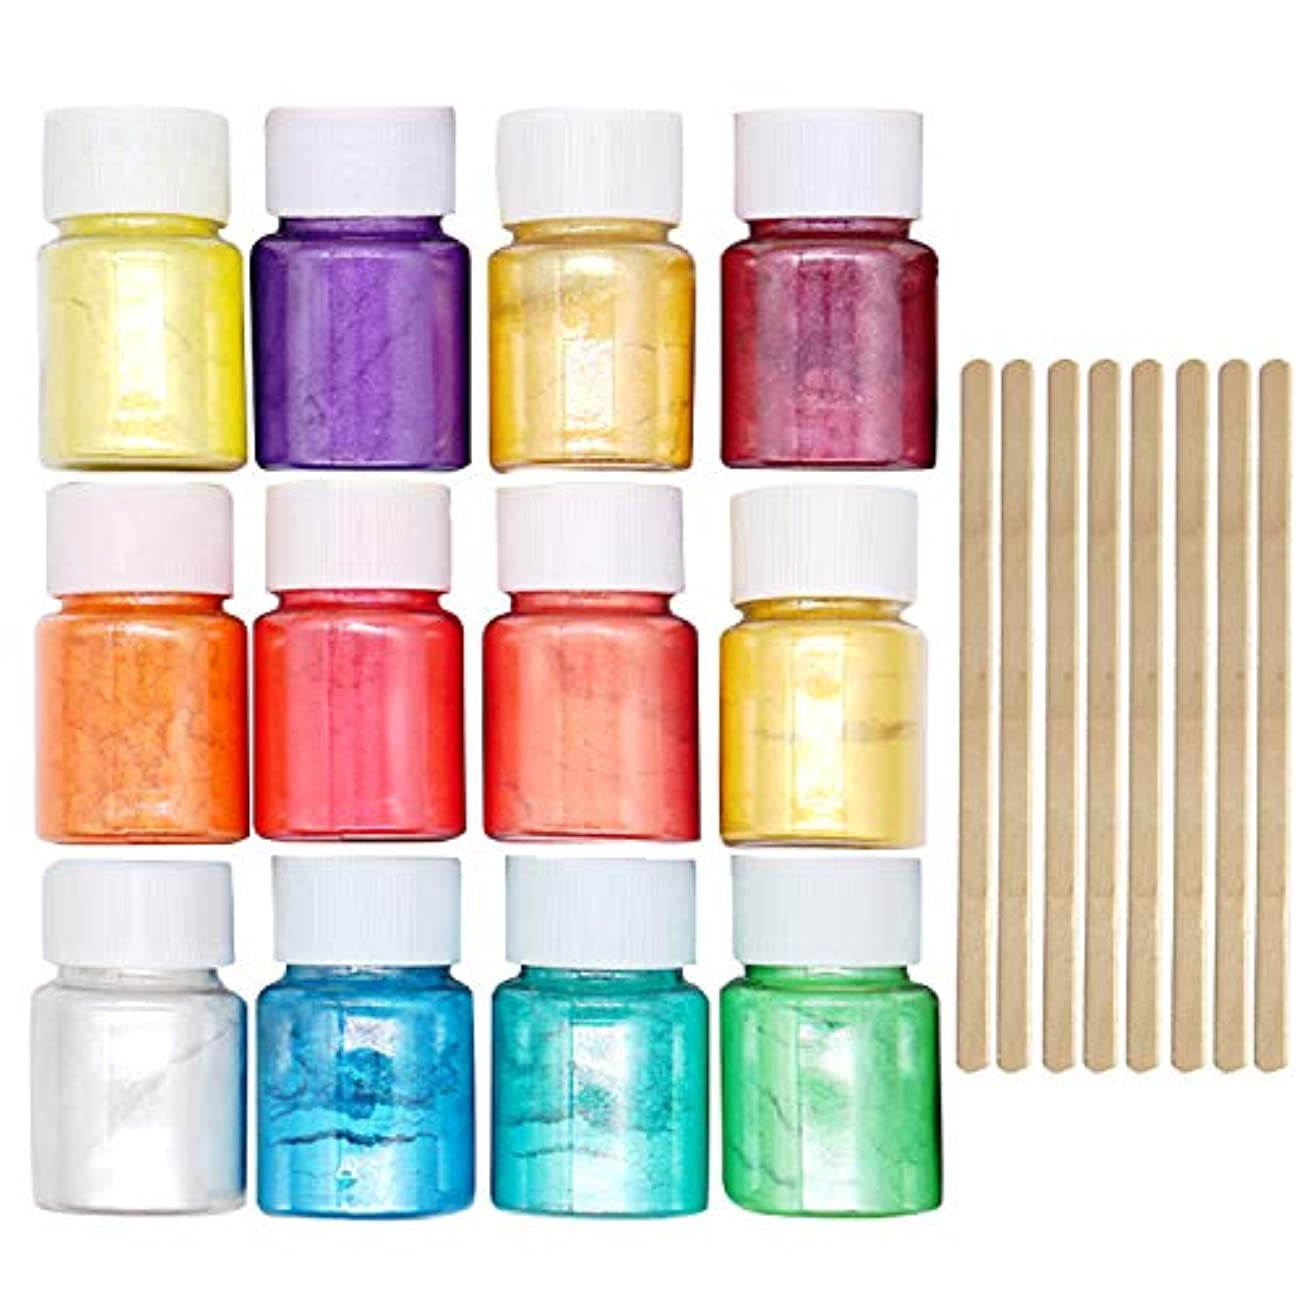 葉っぱ質素なポンドマイカパウダー Migavan マイカパールパウダー 12色着色剤顔料雲母真珠パウダーで8ピース木製攪拌棒diyネイルアートクラフトプロジェクトスライム作り用品